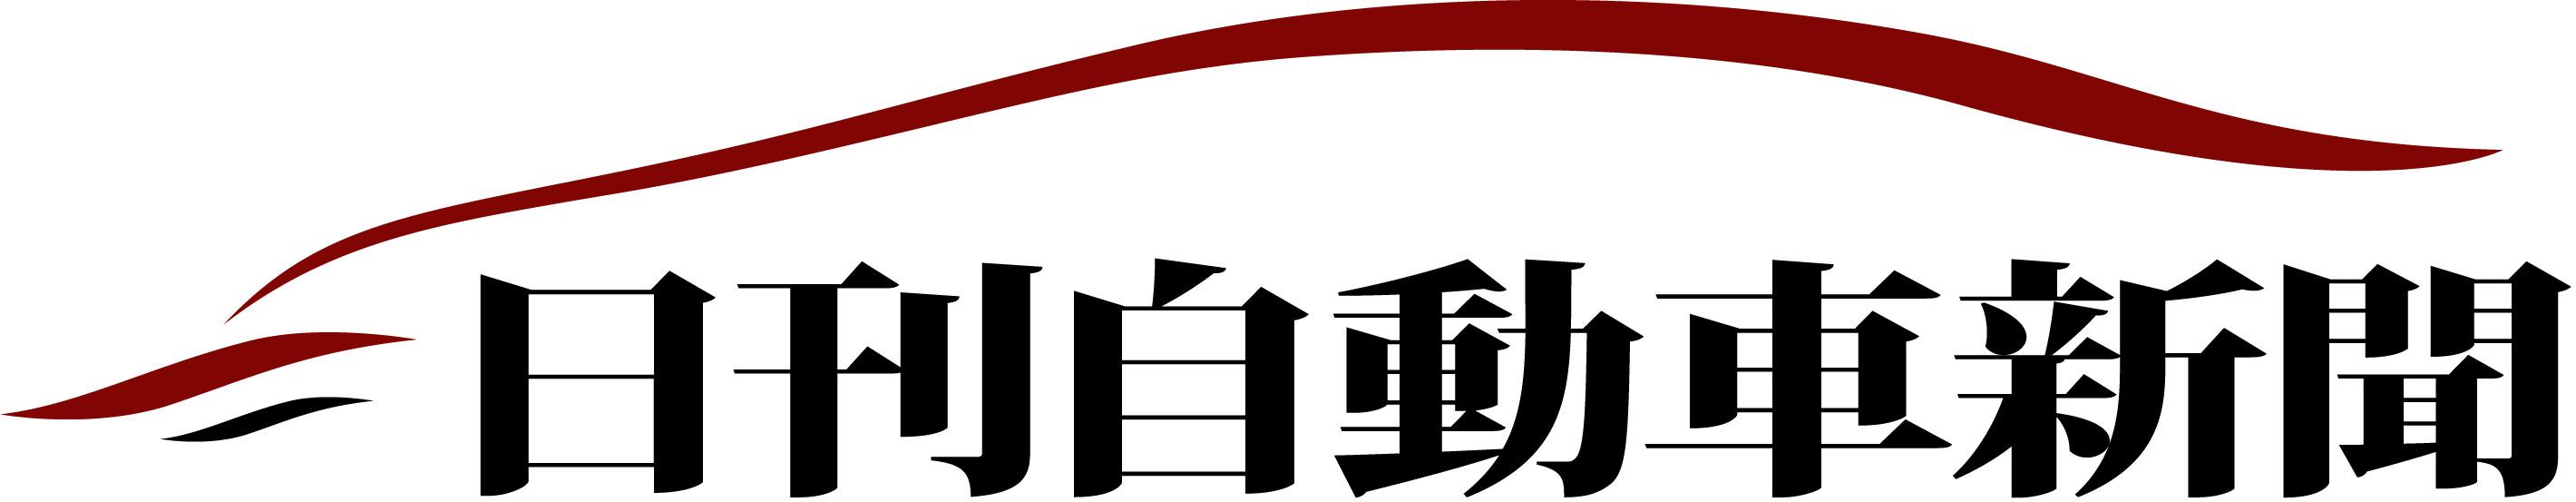 株式会社日刊自動車新聞社